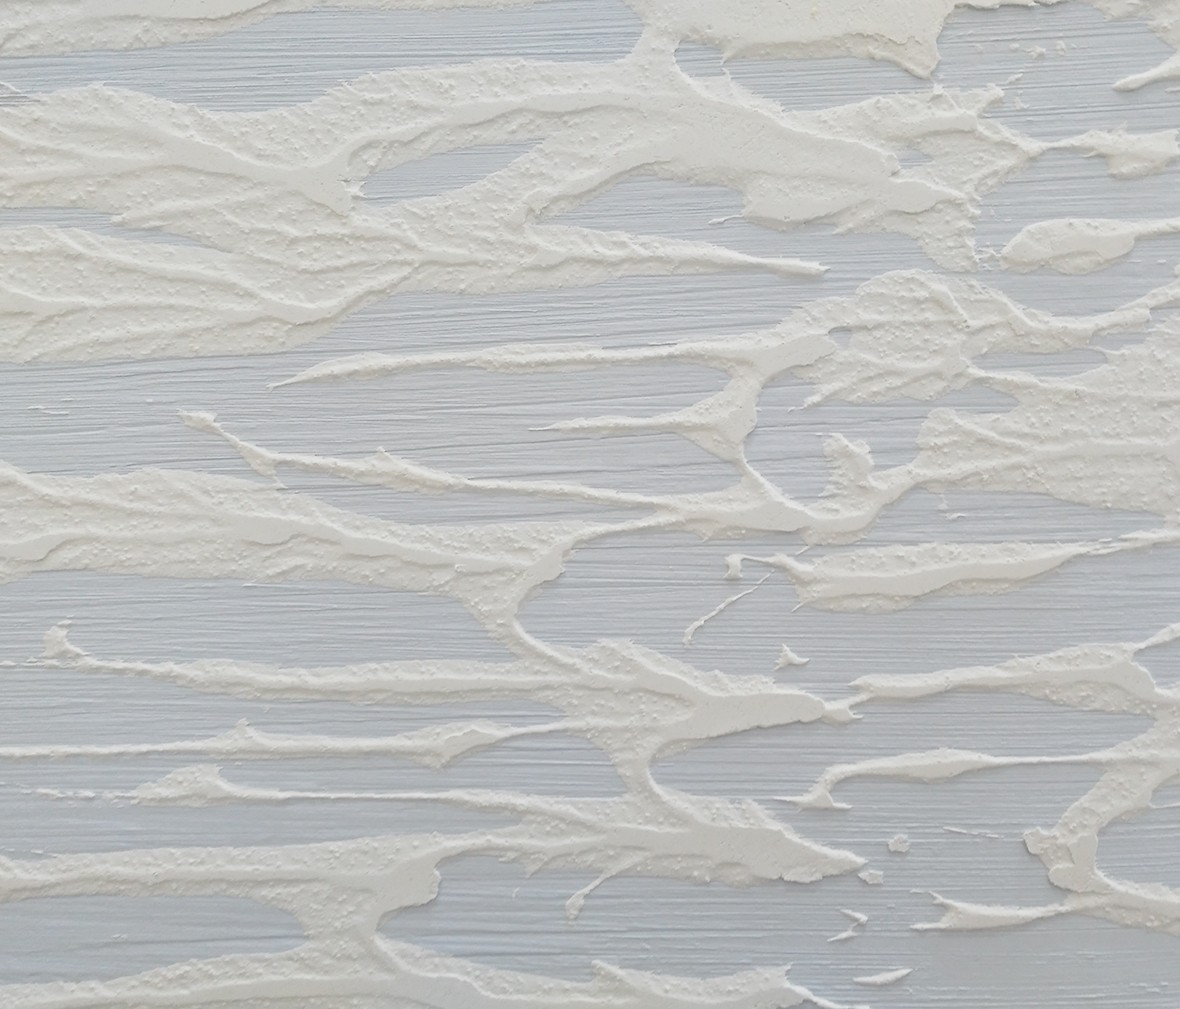 正和环艺 兴保硅藻泥 沾料如松型号 硅藻泥 墙衣 内墙涂料 除甲醛